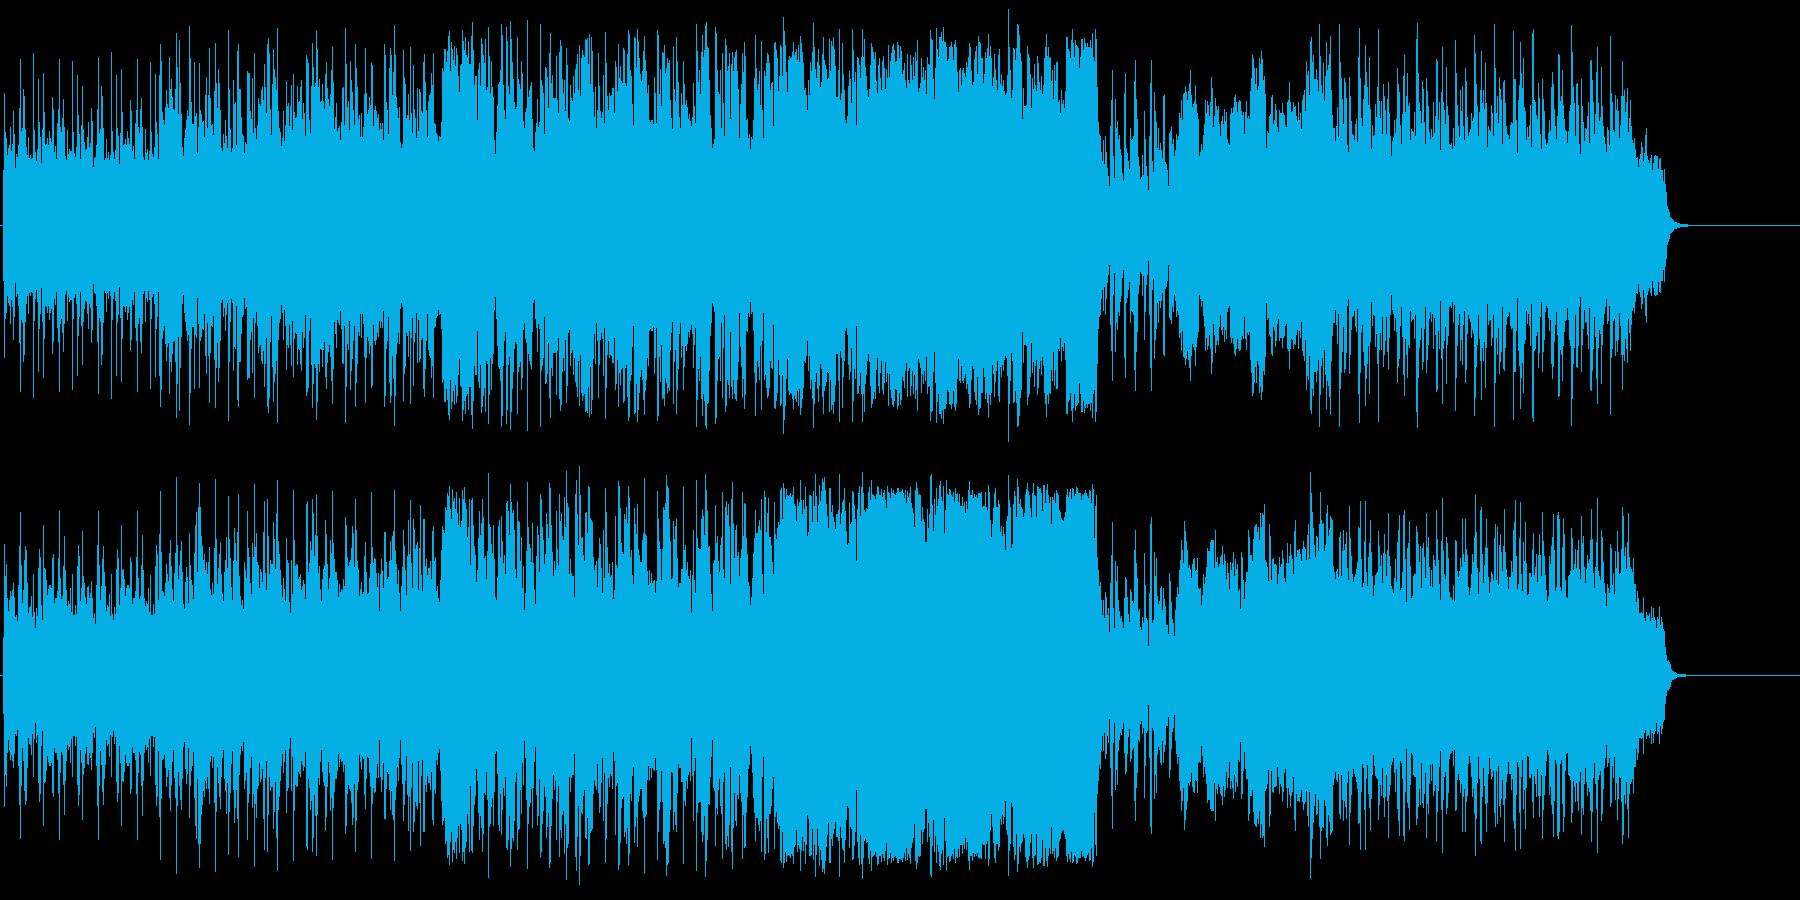 コミカルでほのぼのした楽しげなポップの再生済みの波形